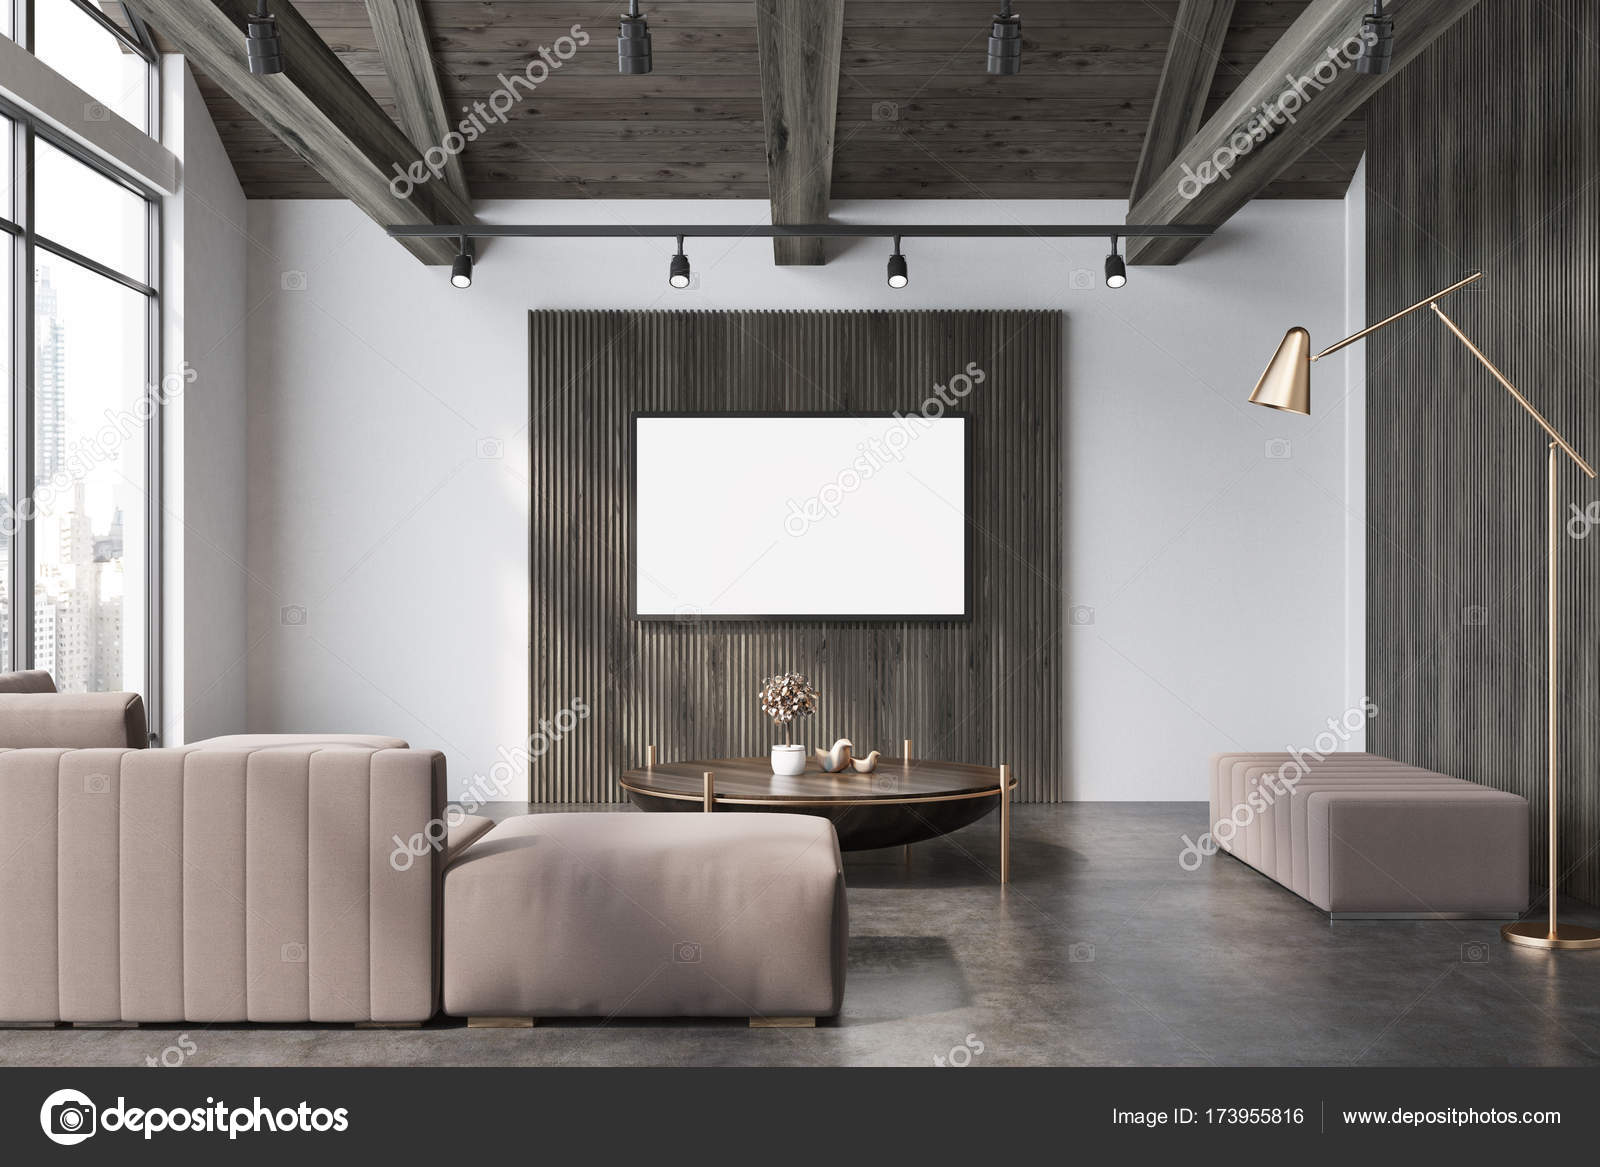 Uberlegen Weiß Und Holz Wohnzimmer, Beige Sofa Plakat U2014 Stockfoto